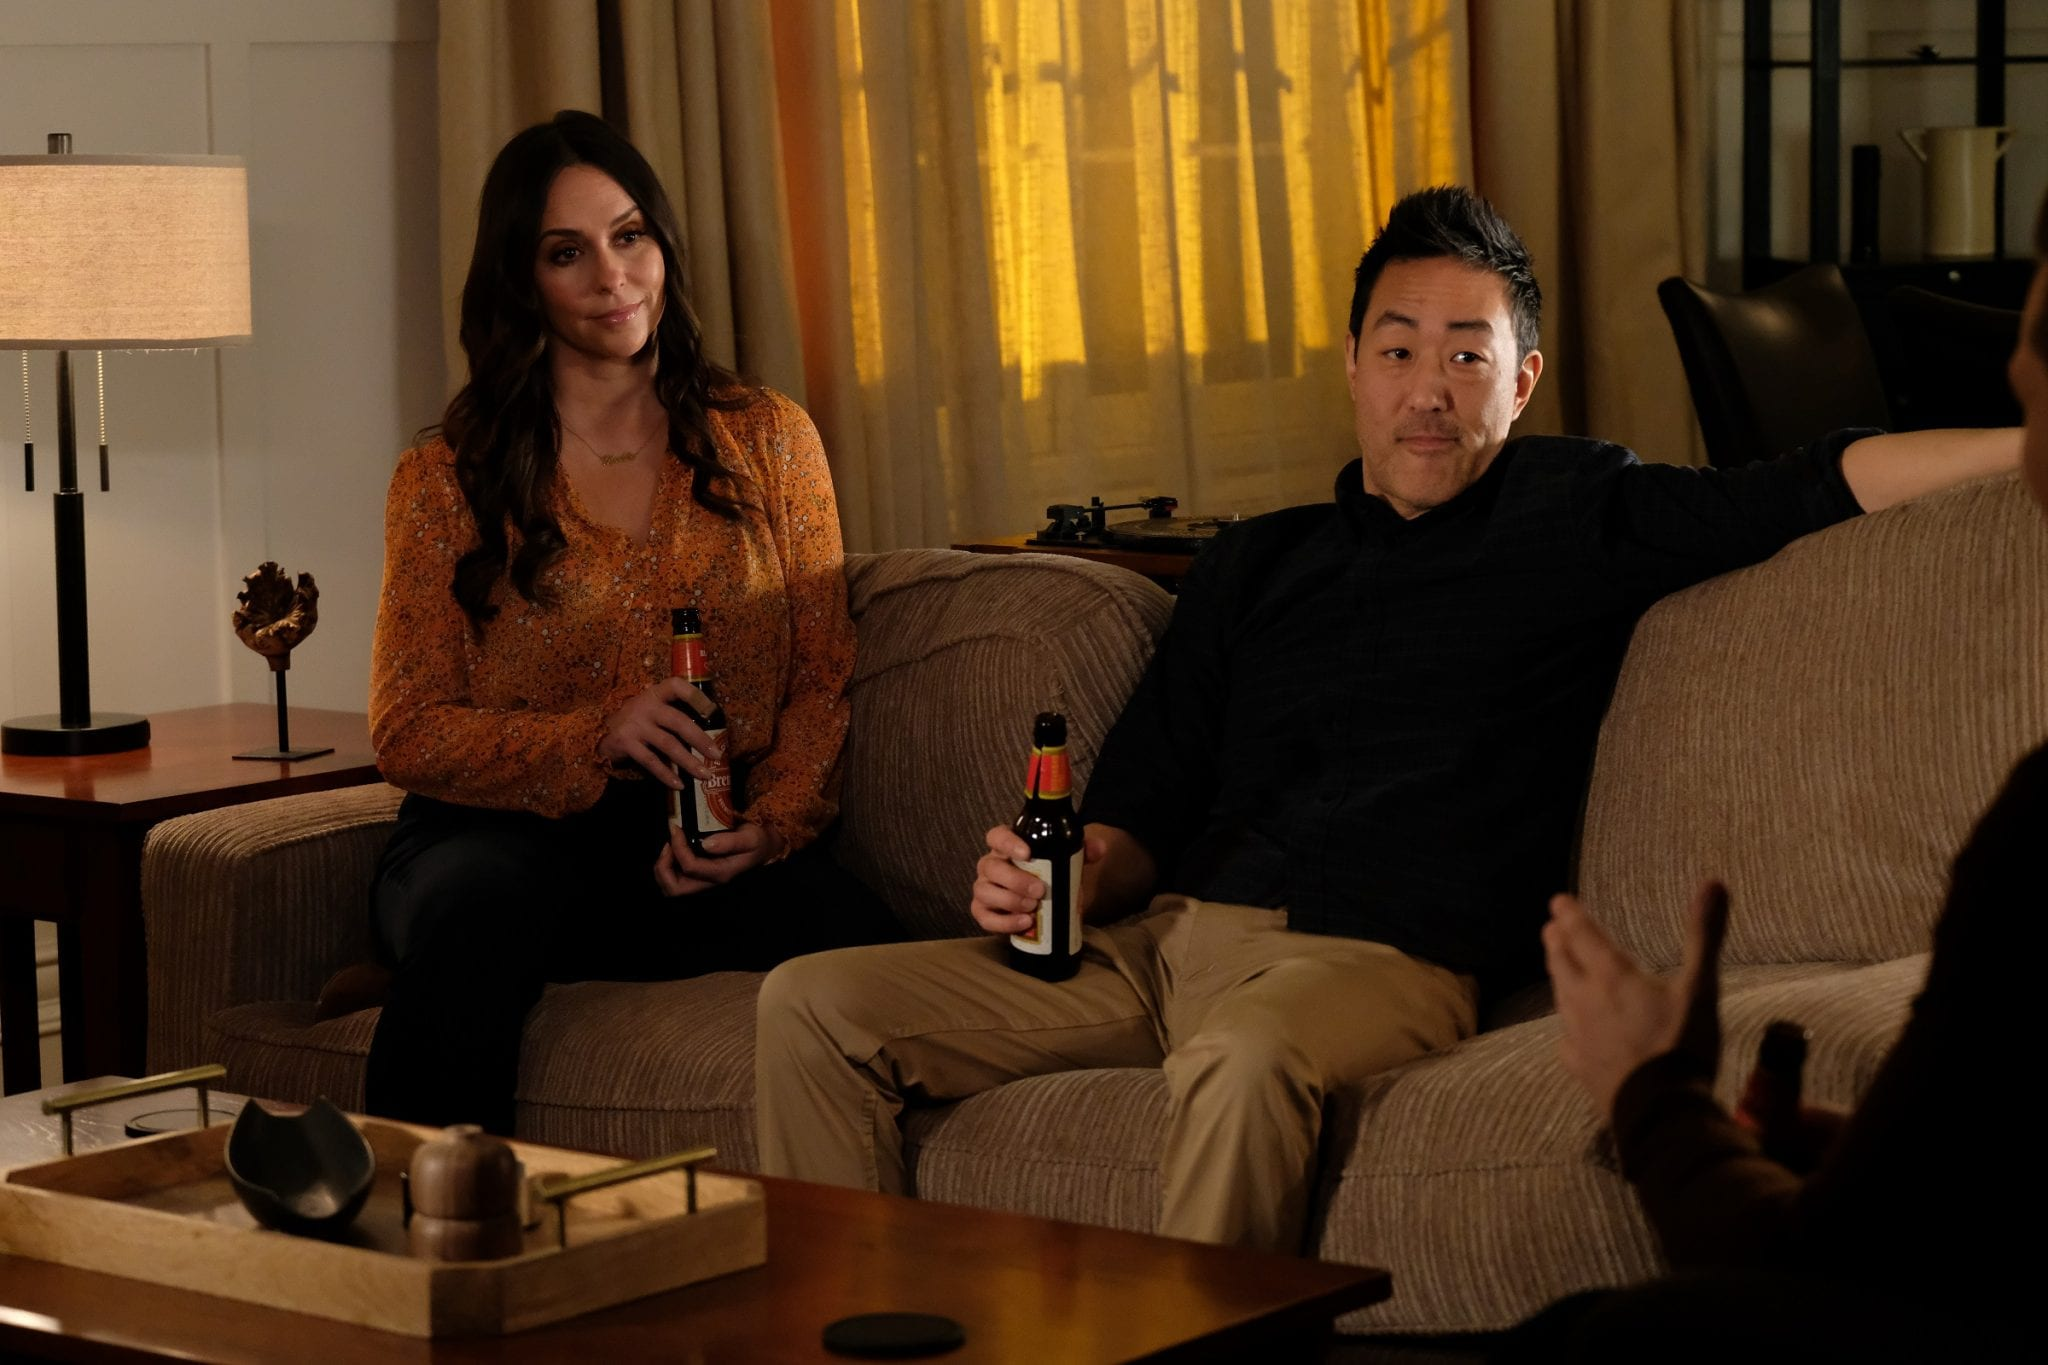 SerieTivu: 9-1-1 decimo appuntamento. Con protagonista Angela Bassett nei panni di Athena Carter Nash, in prima visione tv su RaiDue